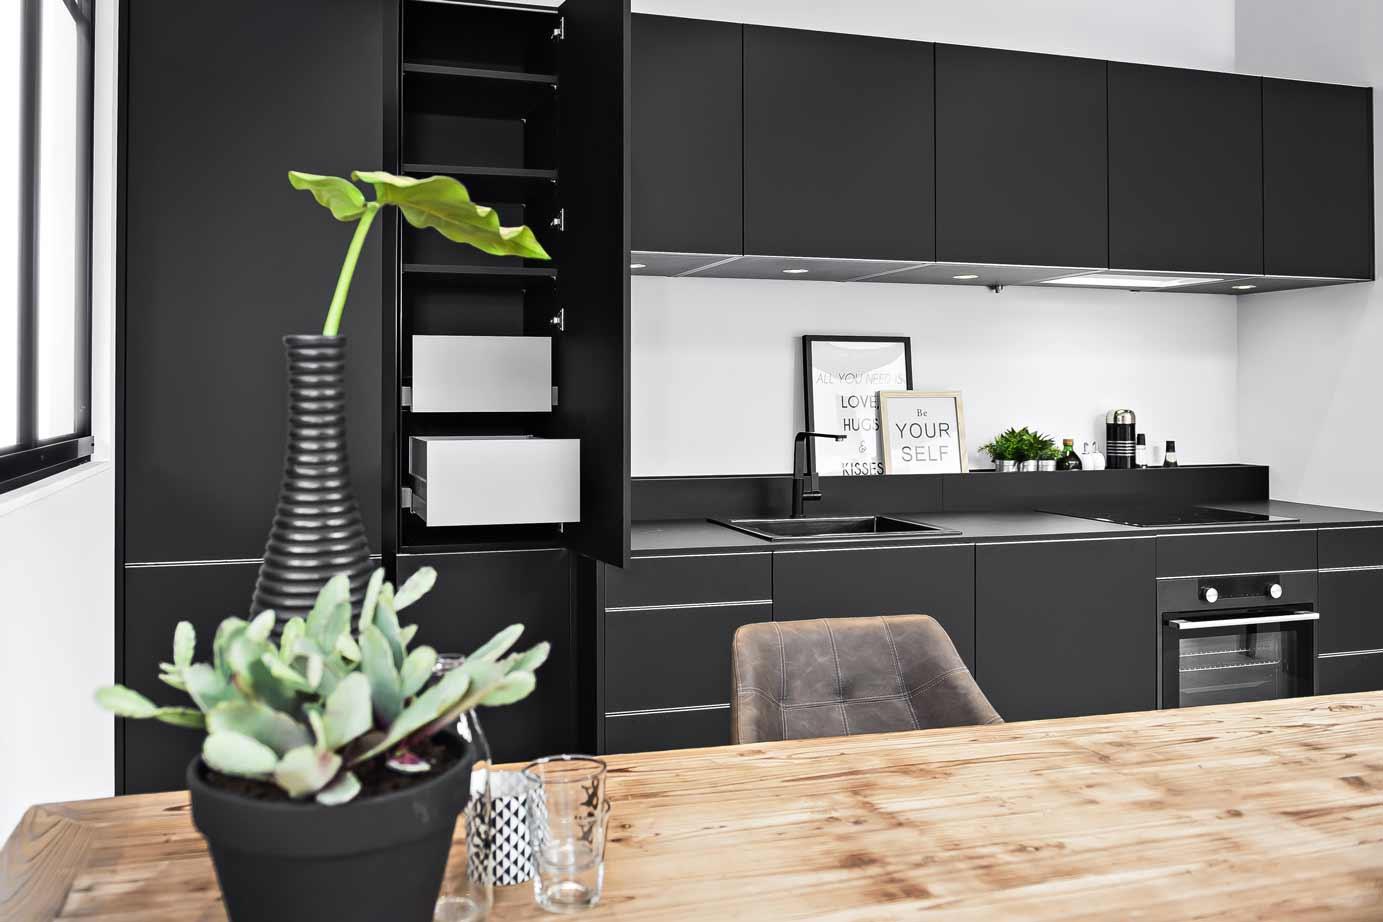 Zwarte osb keuken u informatie over de keuken